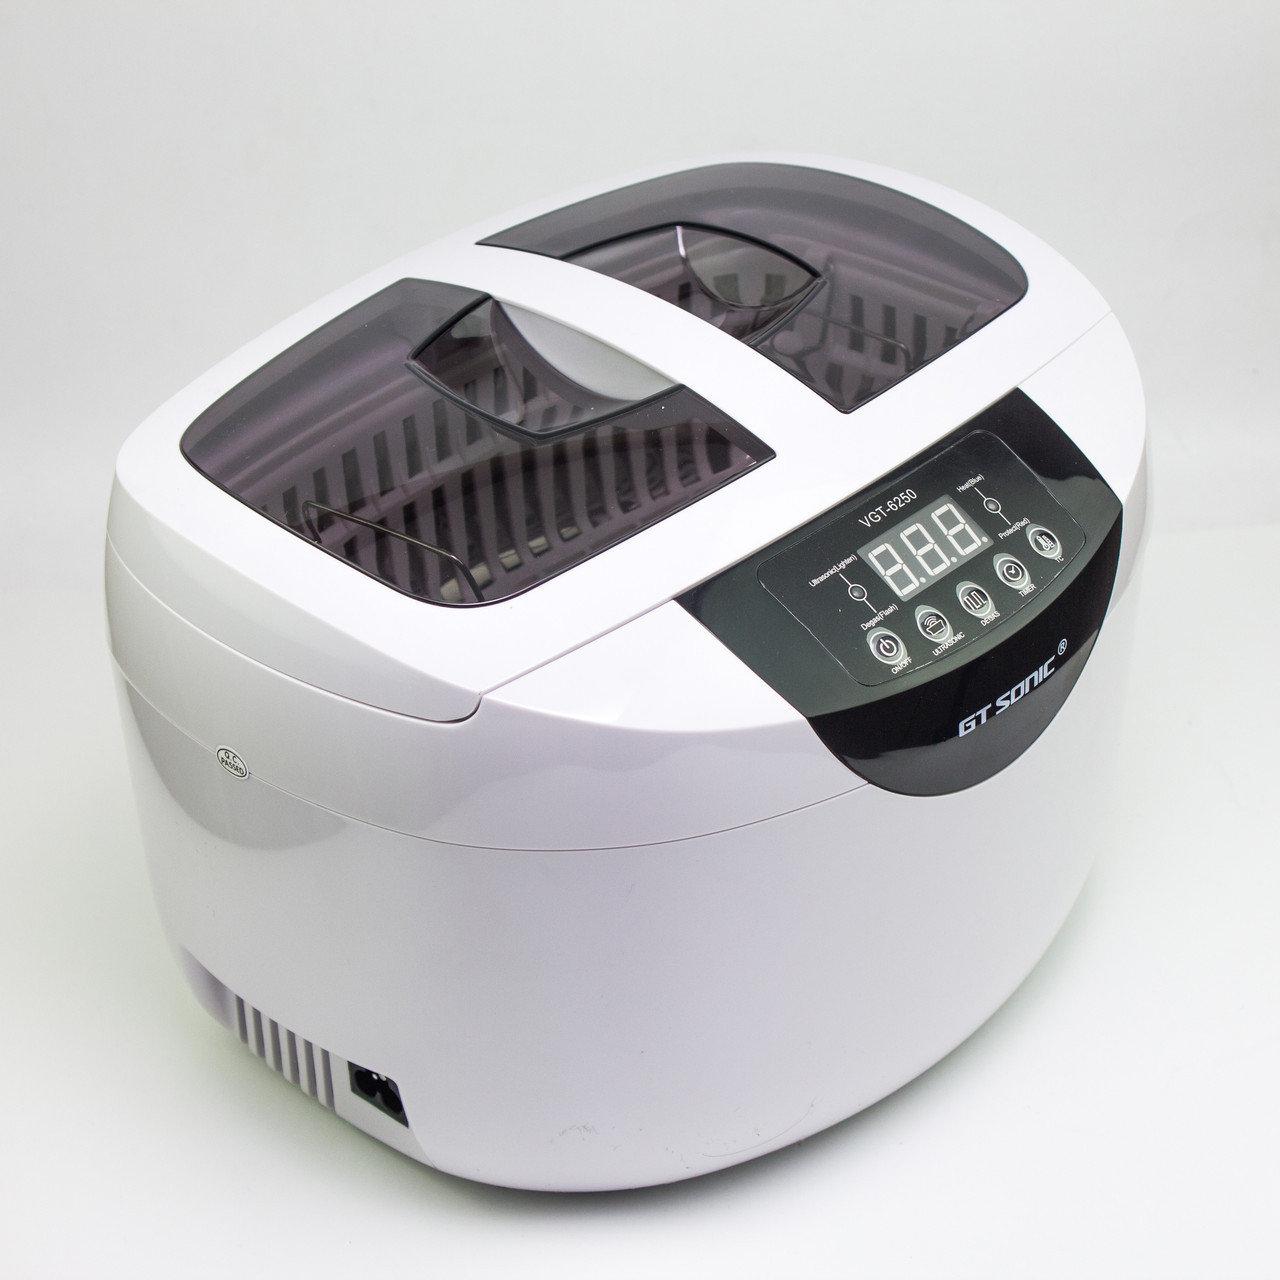 ультразвуковой стерилизатор фото для маникюрных инструментов